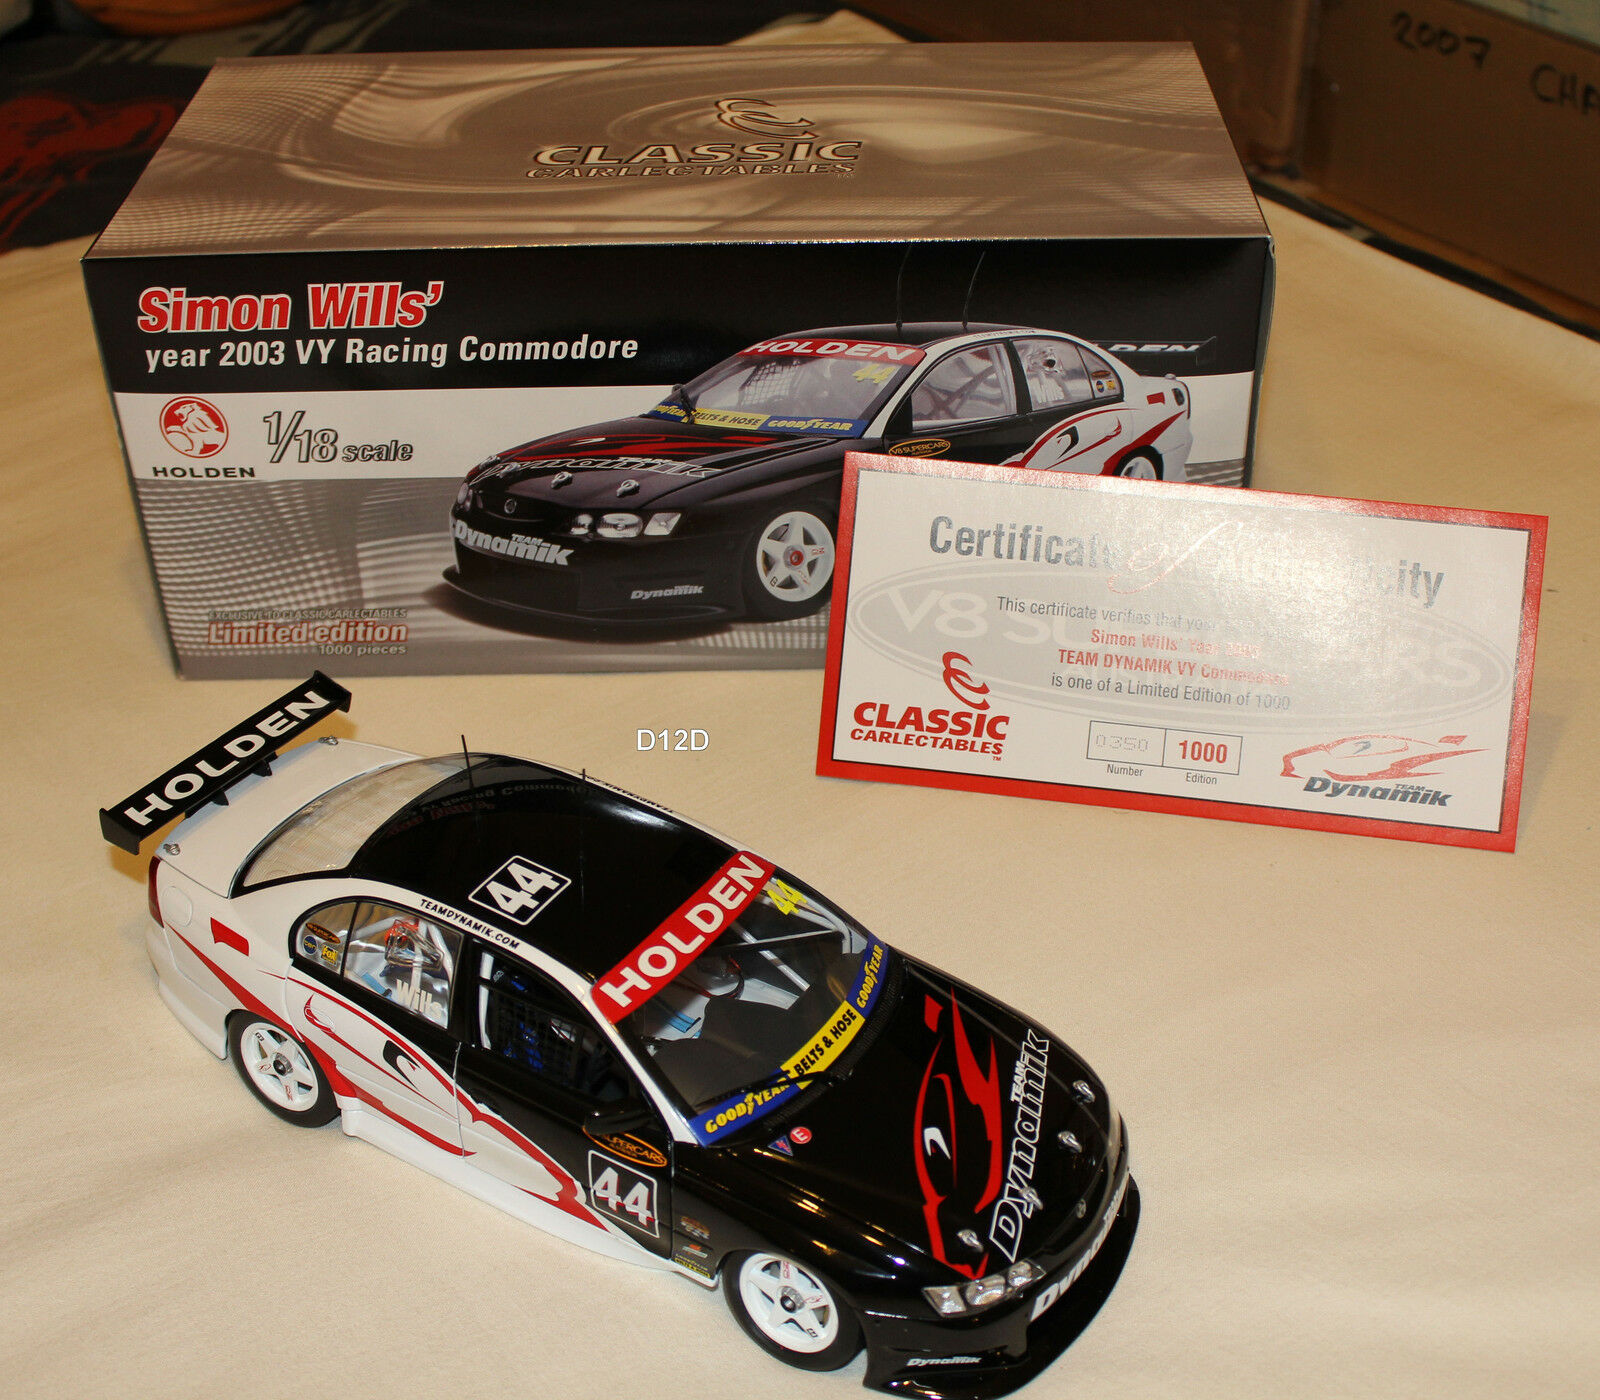 Simon wills team - dynamik holden commodore - 2003 von 18 neuen supersportwagen